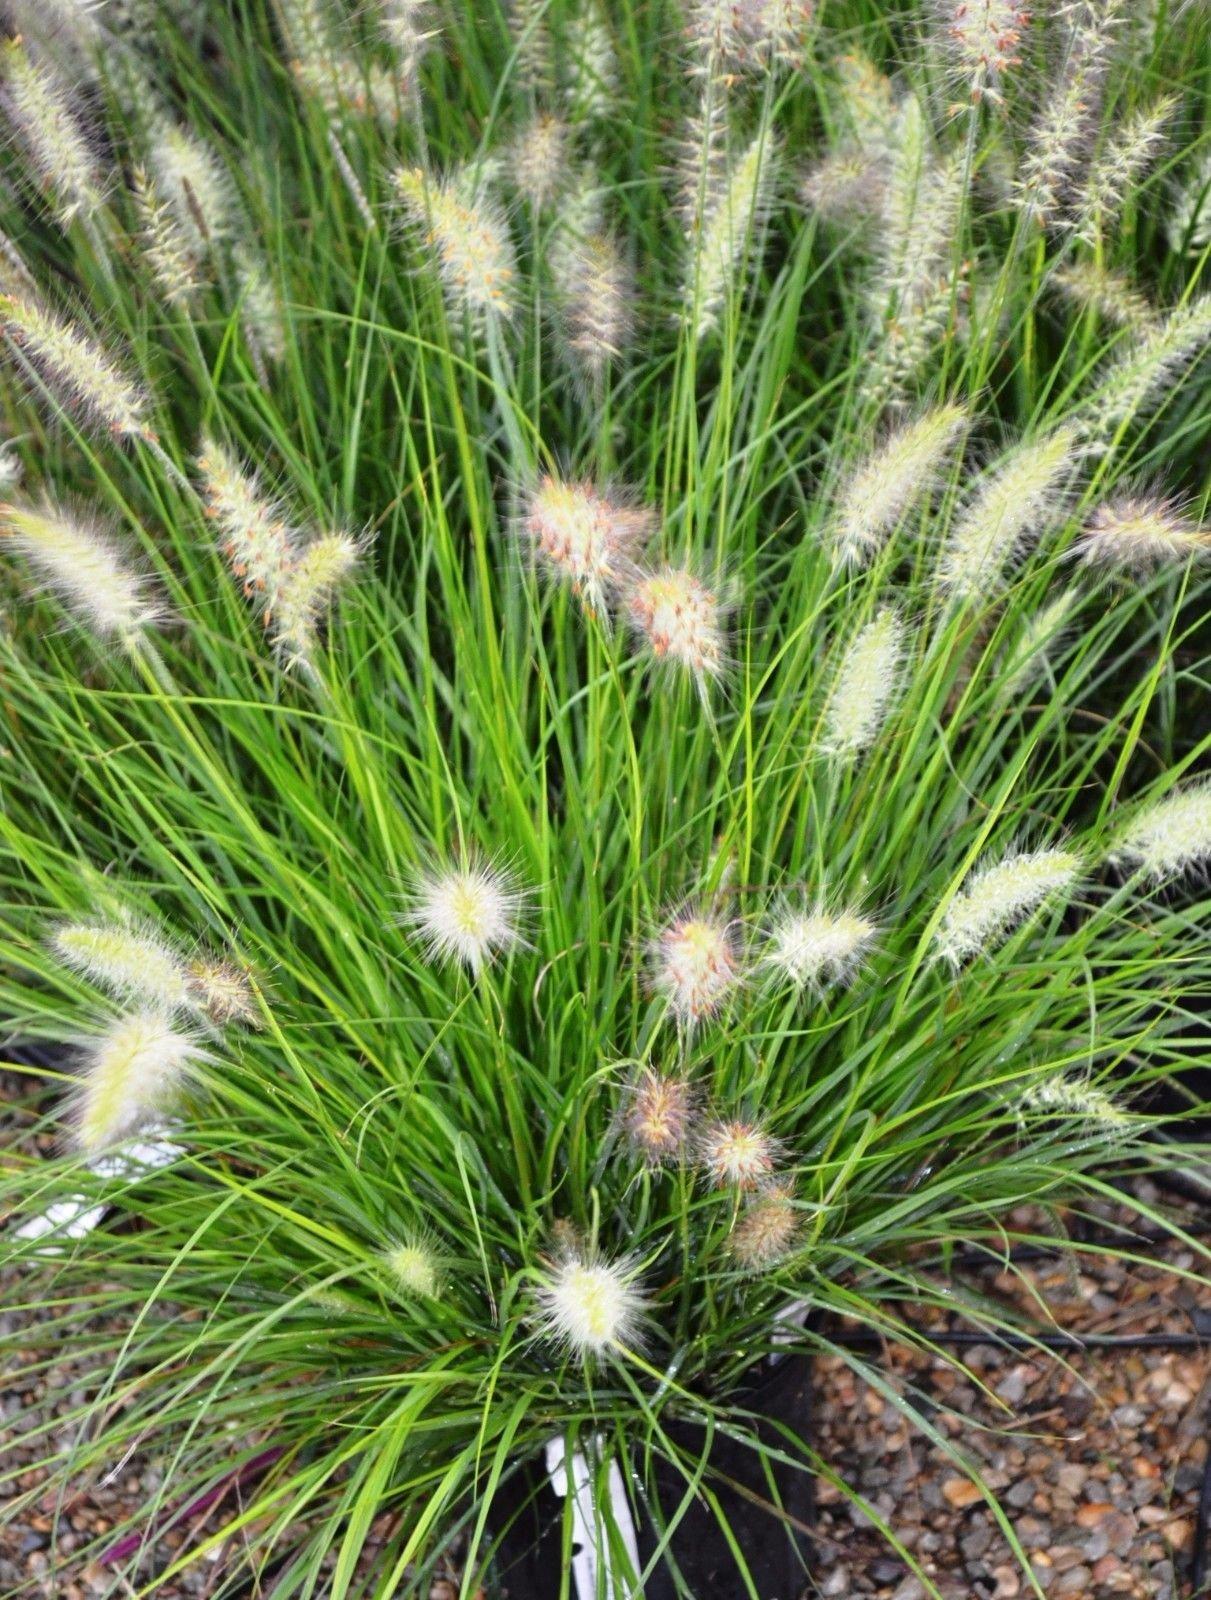 'Hameln' Dwarf Fountain Grass - Hardy Perennial - Quart Pot - 1 plant each by Grower's Solution